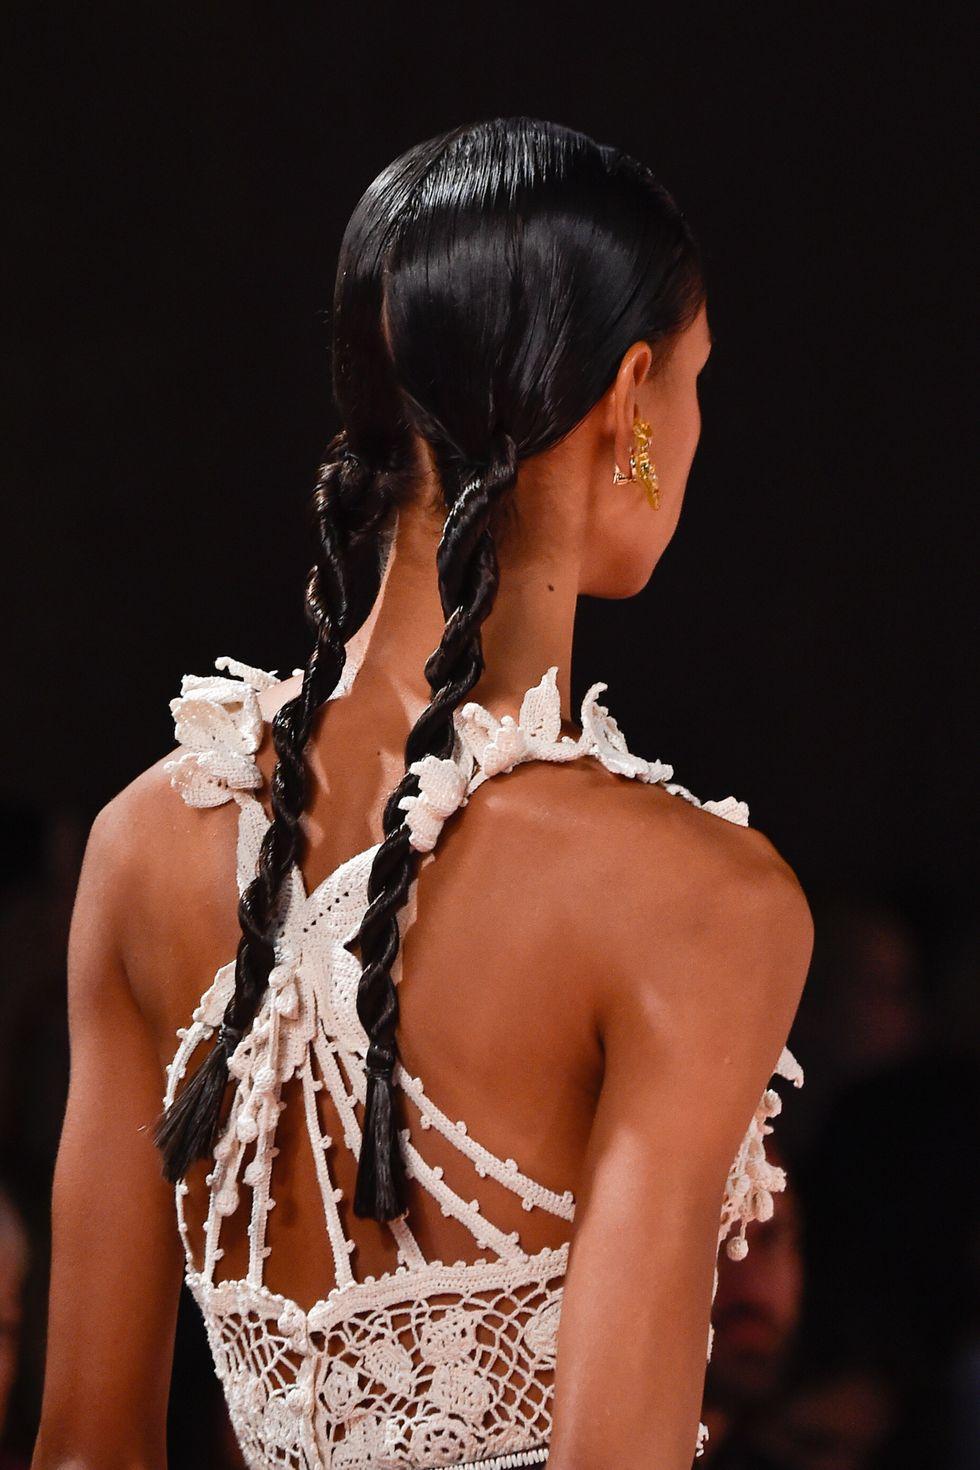 Πλεξούδες «σχοινιά» -Ropetails - Μόδα Στα Μαλλιά 2020 - Καλοκαίρι